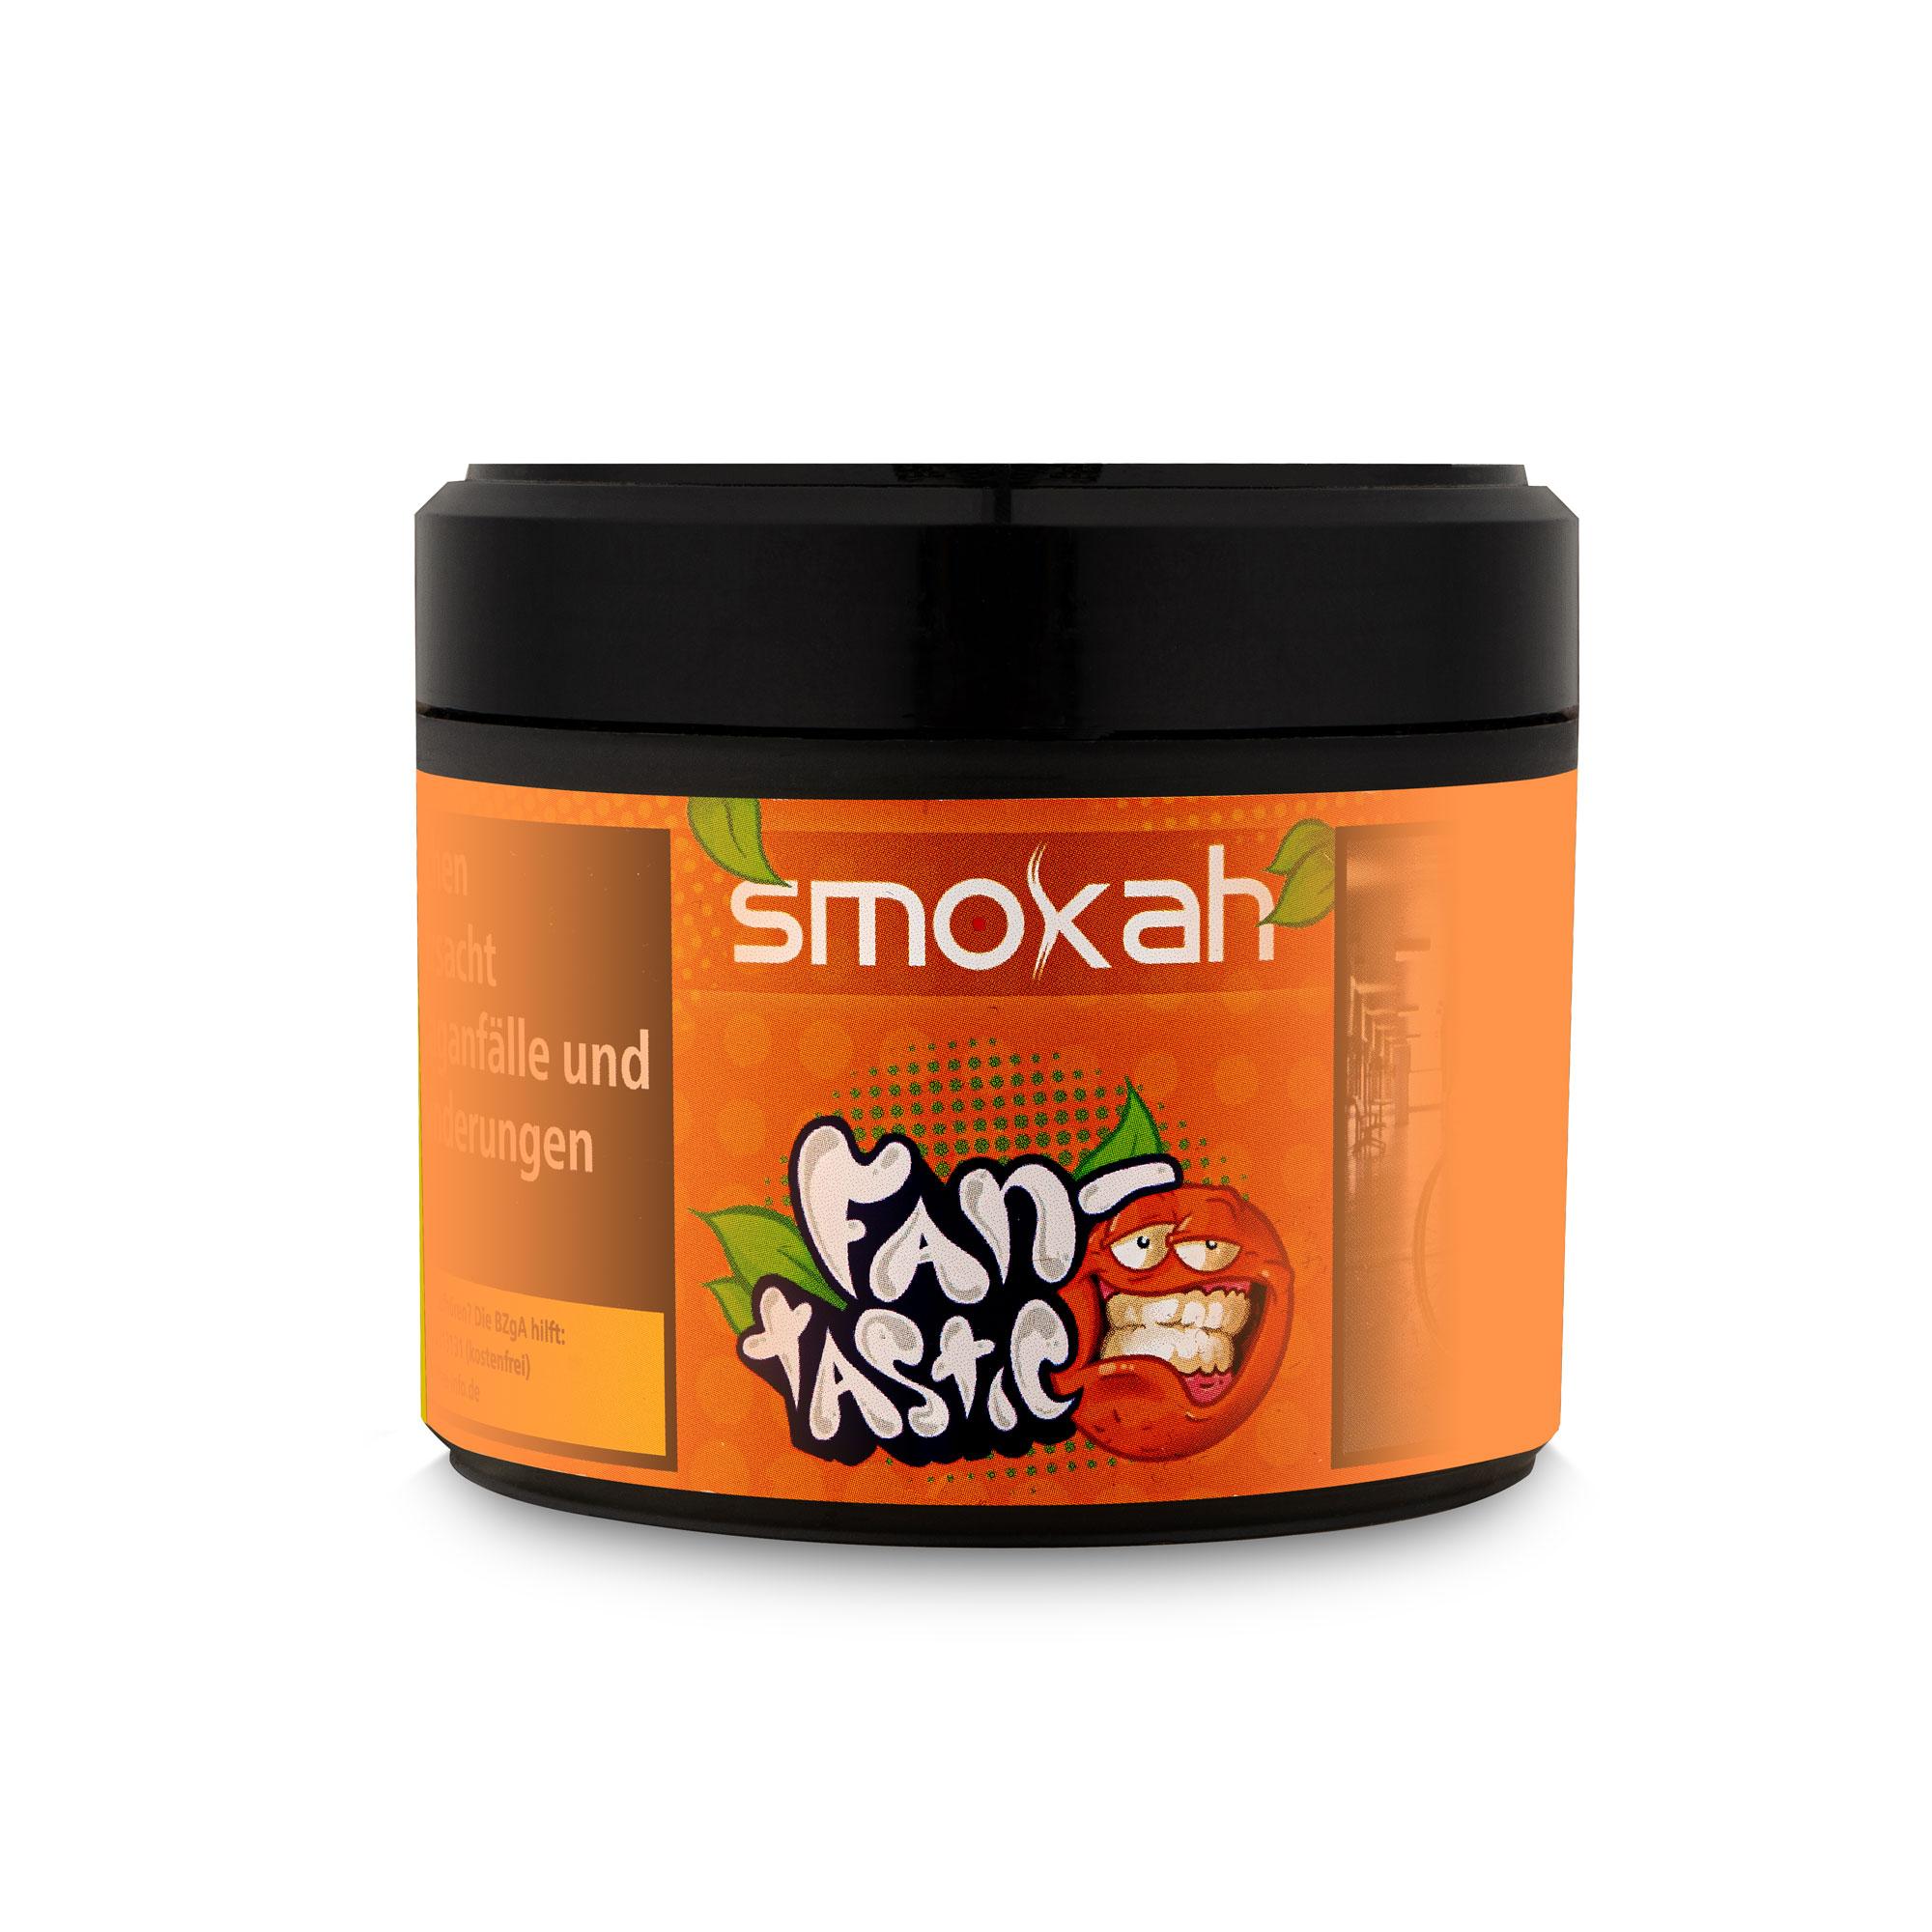 Smokah Tobacco 200g - Fantastico